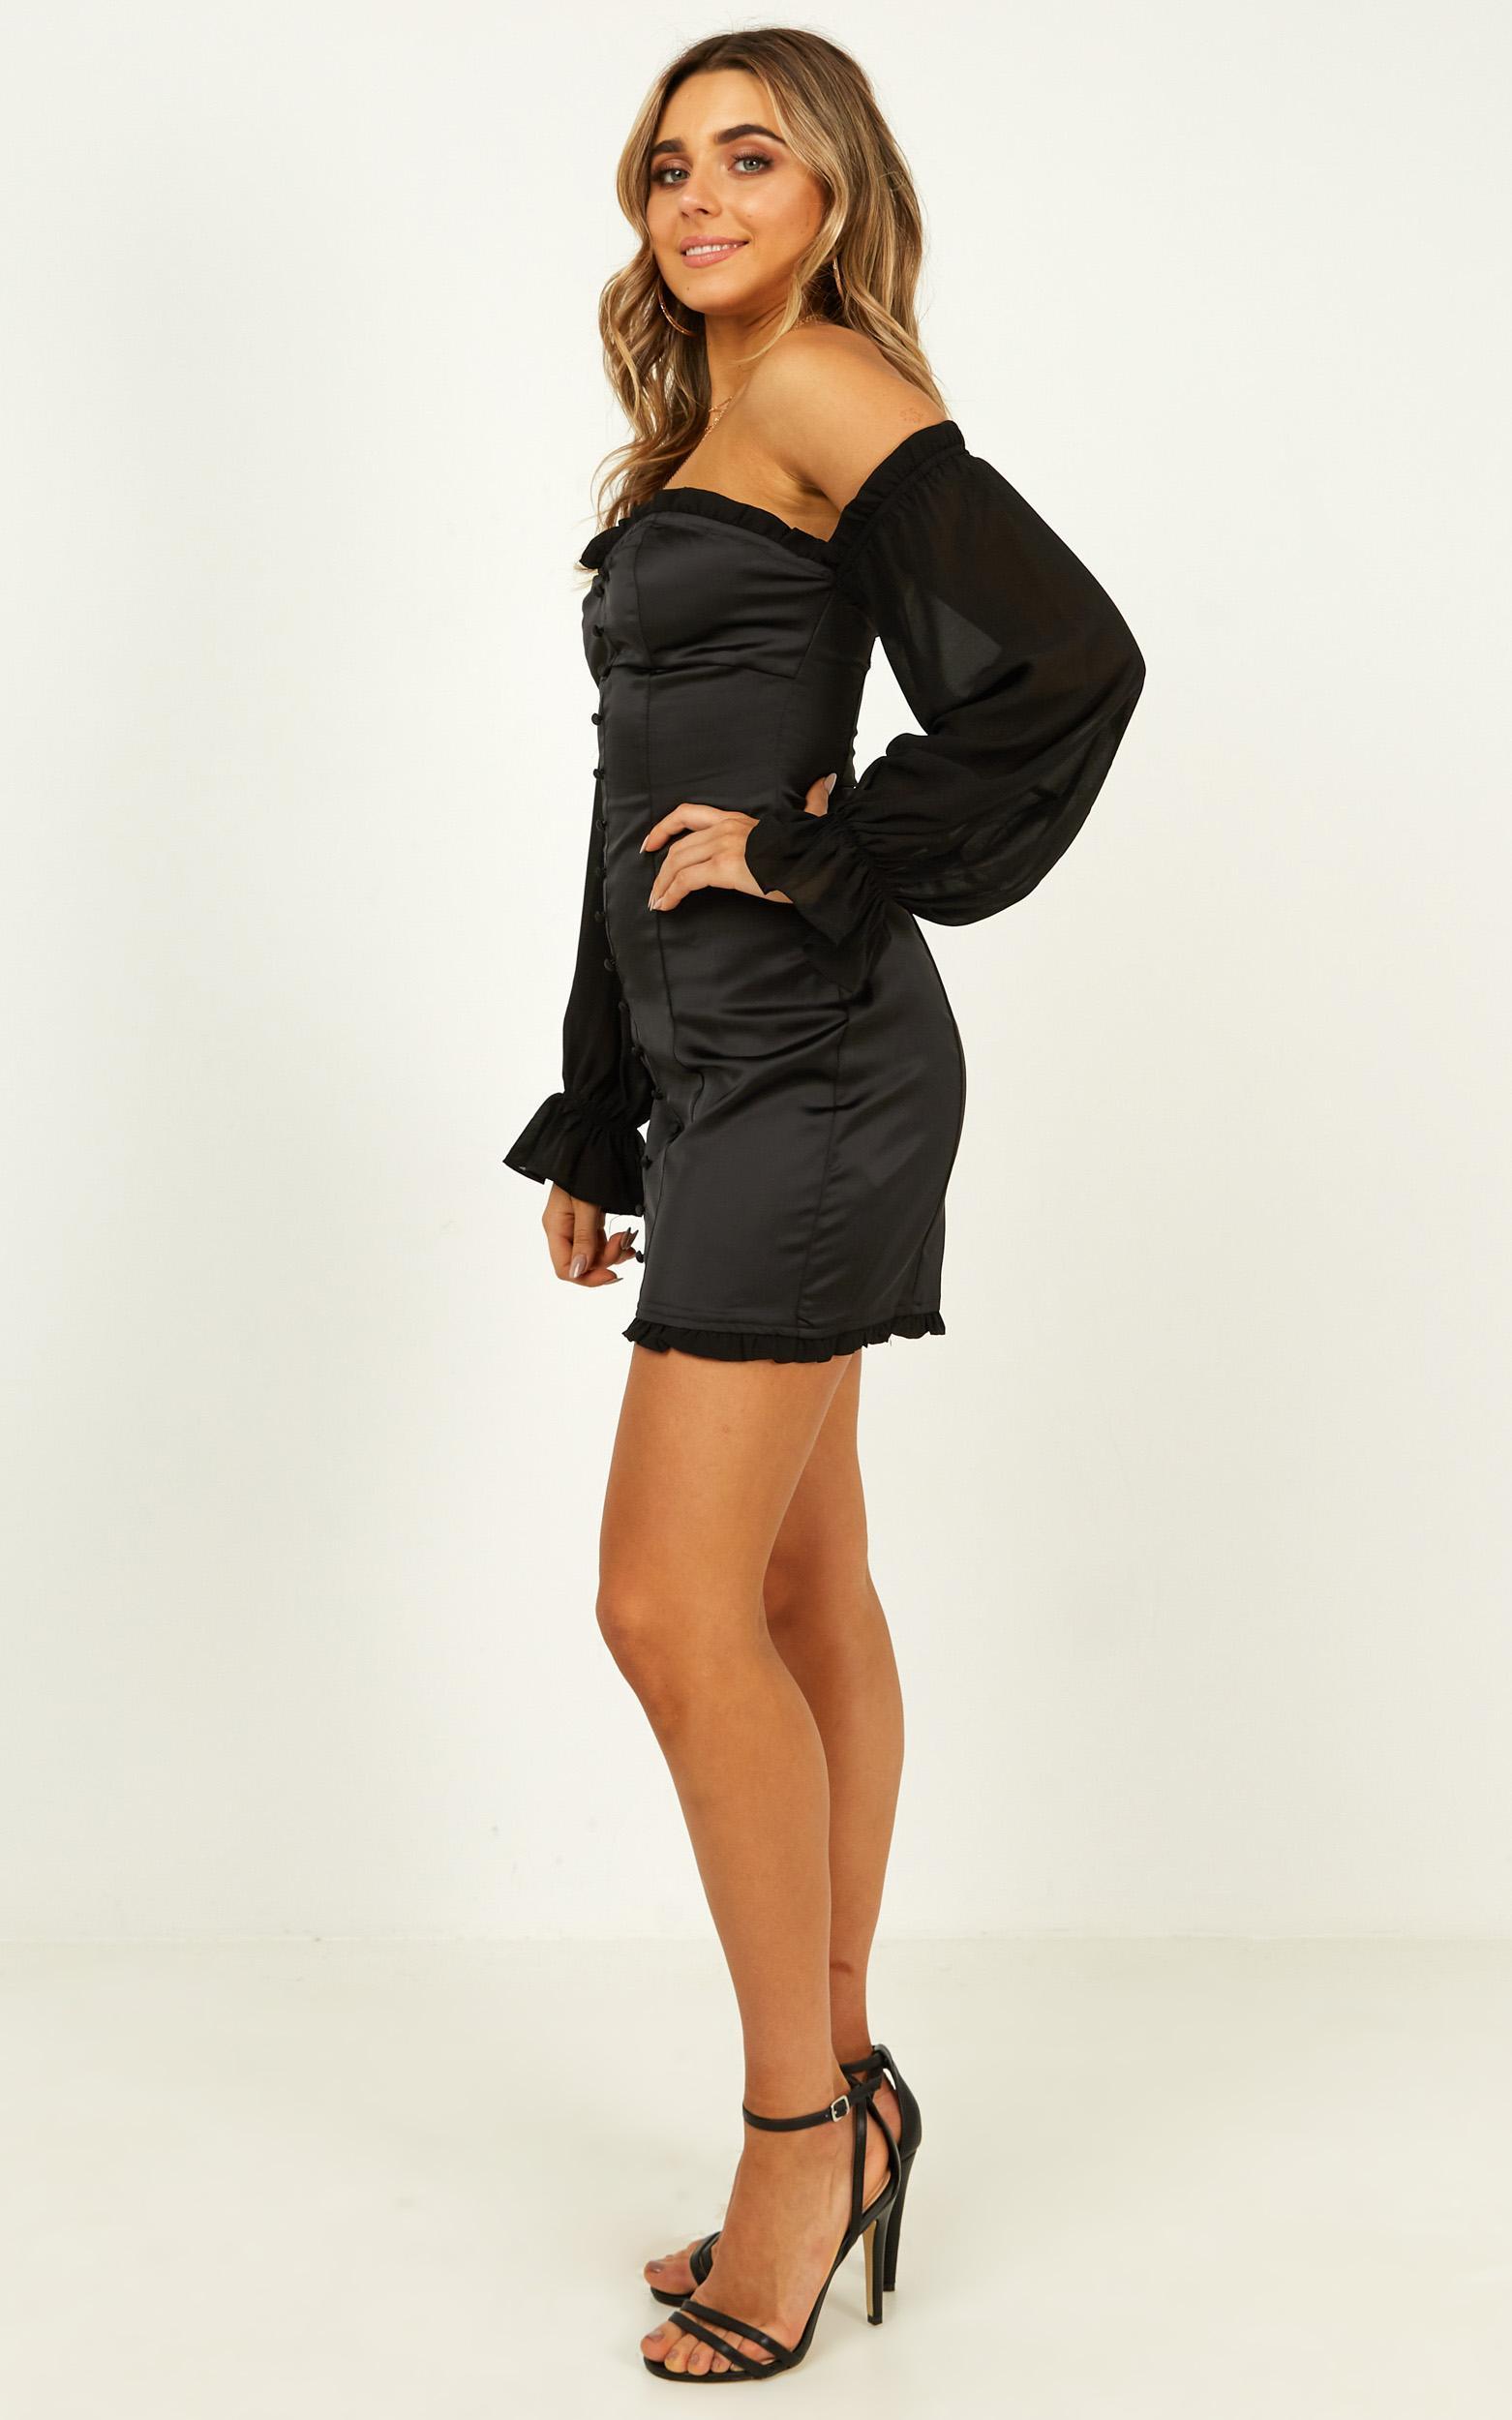 Lioness - Perfect Kind Dress In Black Satin - 12 (L), Black, hi-res image number null